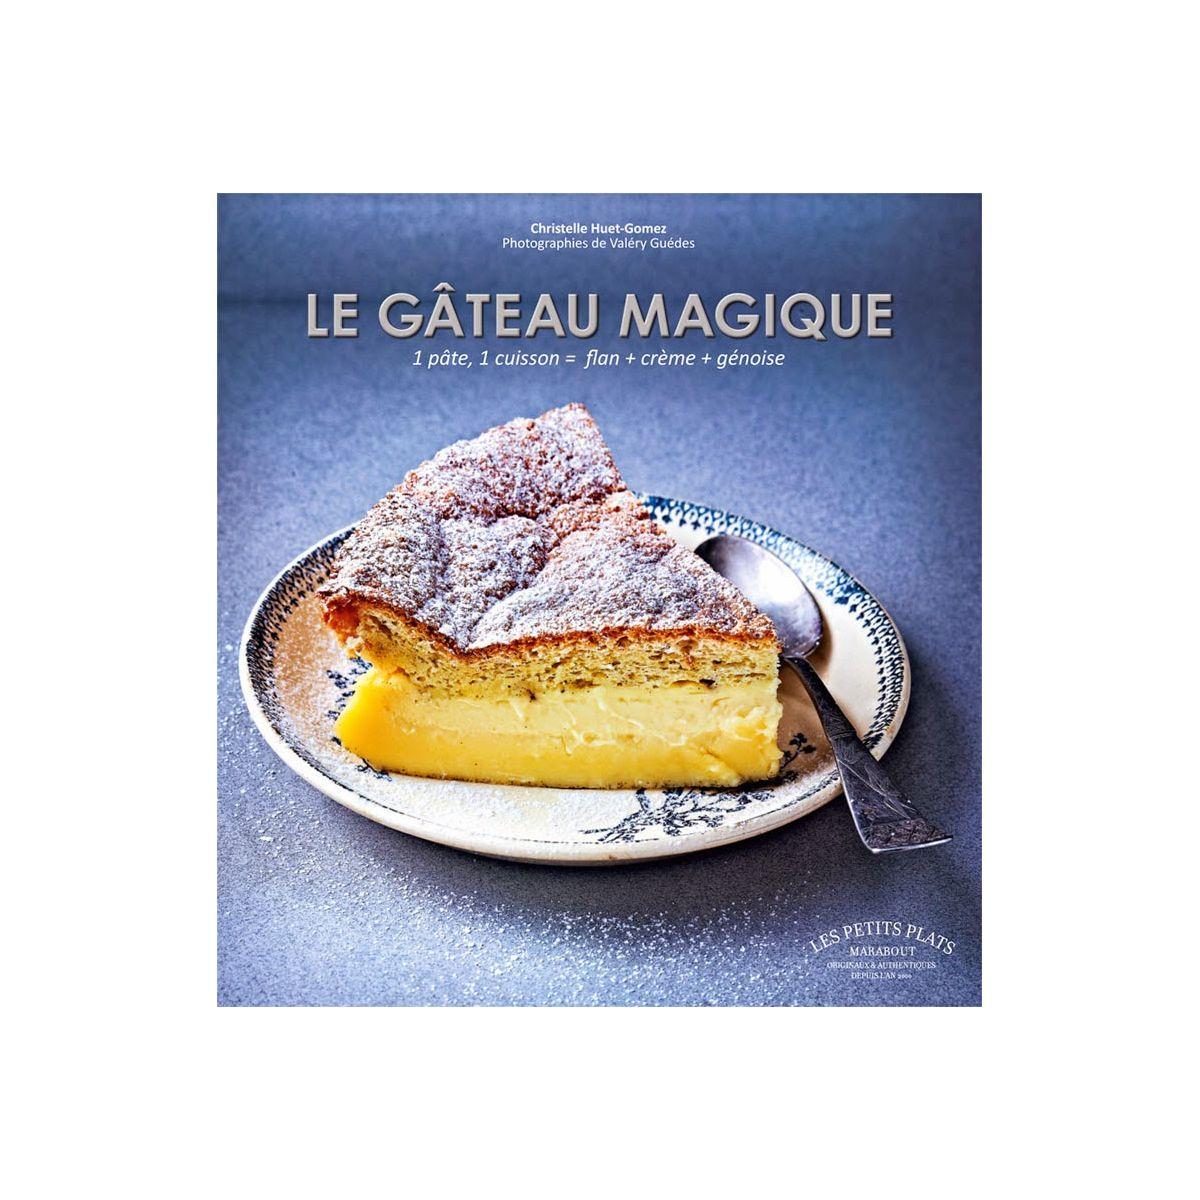 Livre marabout le gâteau magique - la sélection webdistrib.com